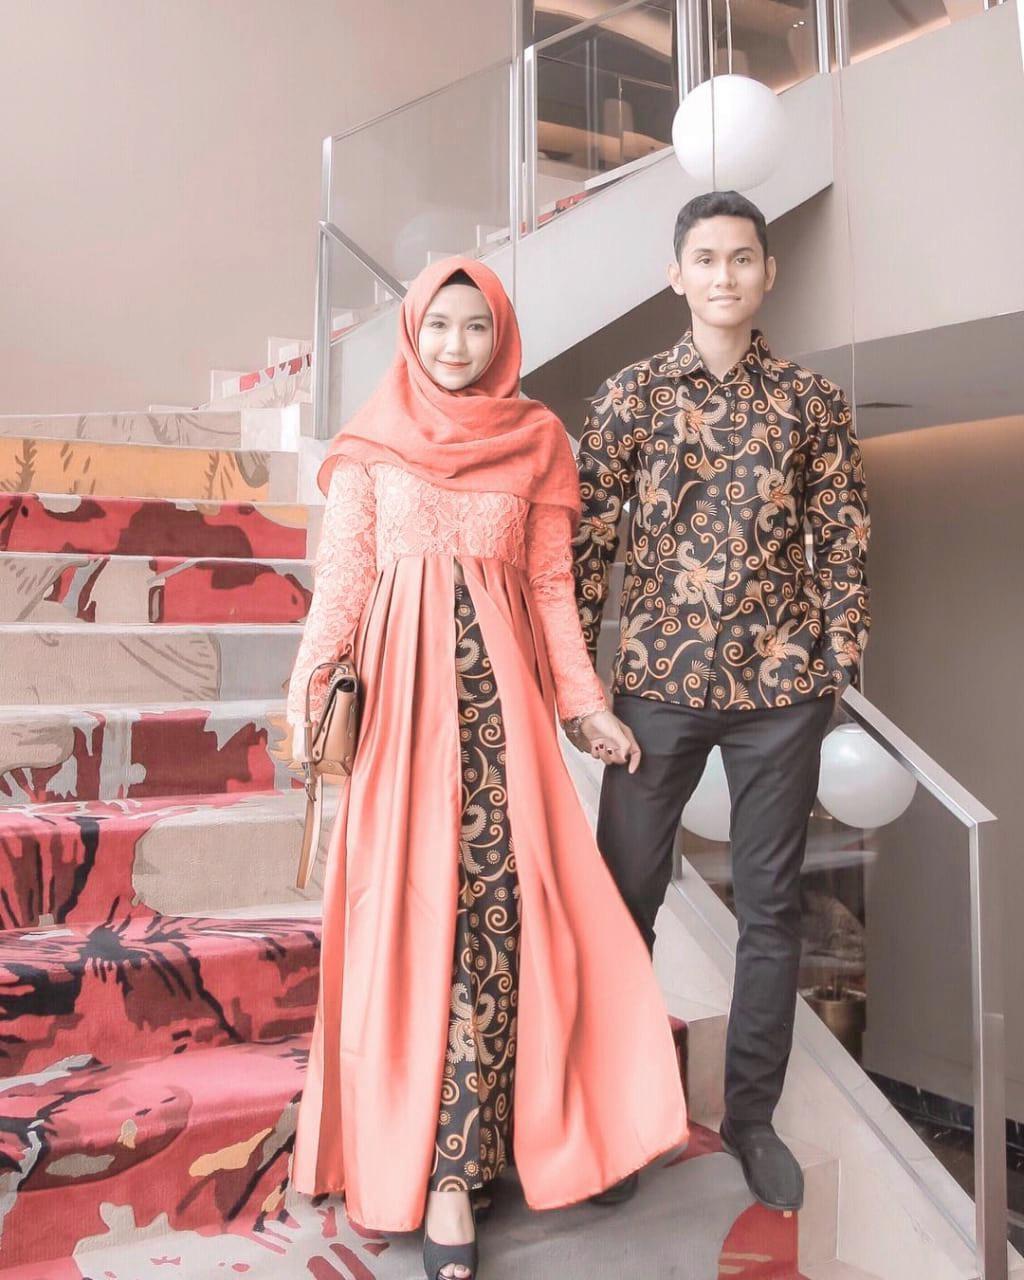 Ide Baju Lebaran Untuk orang Tua Xtd6 Baju Lebaran Untuk orang Tua Gambar islami